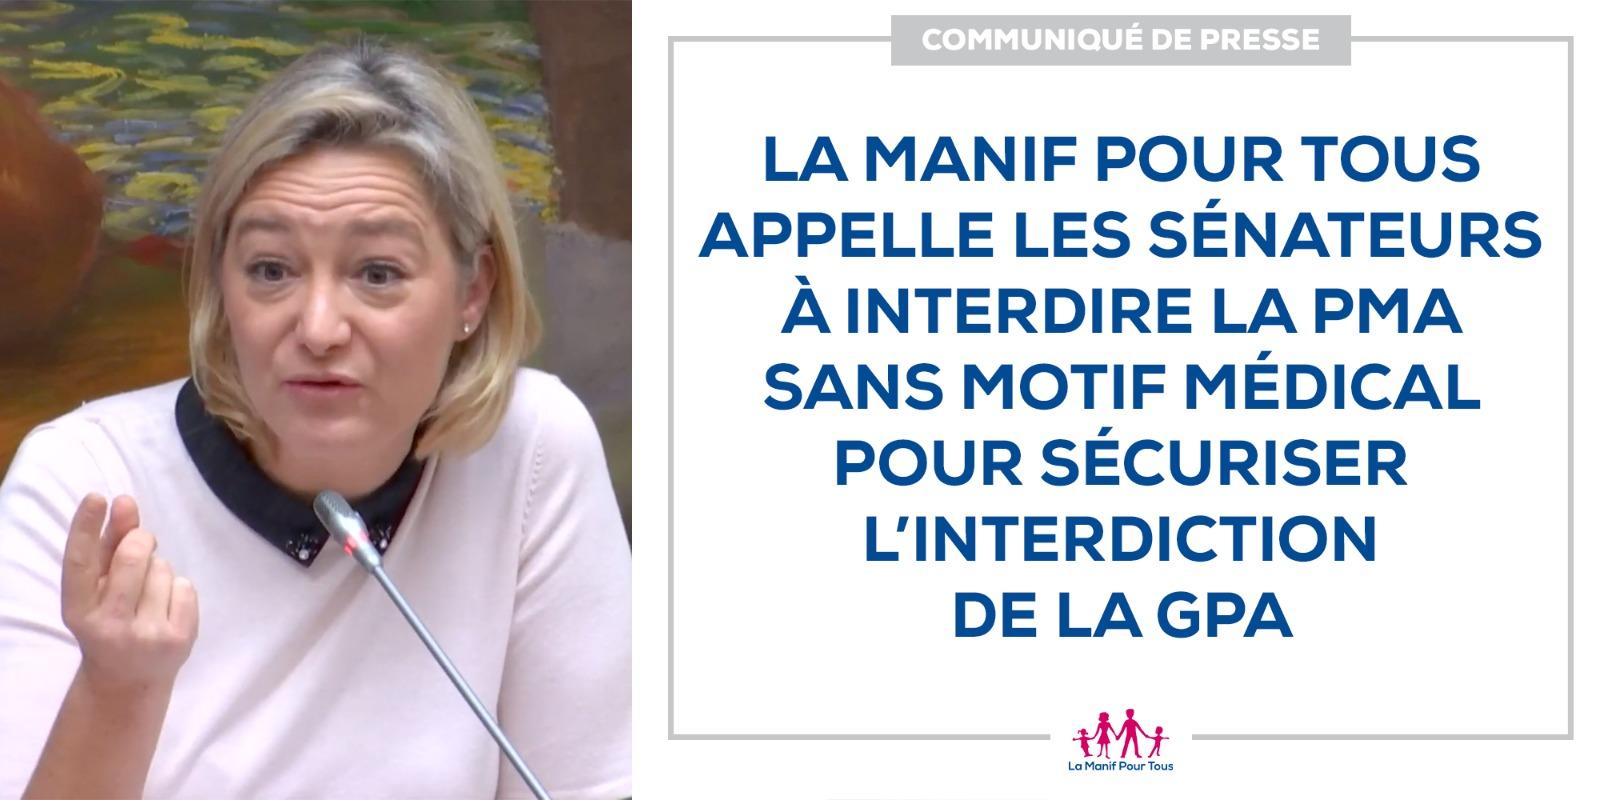 Image - CP – La Manif Pour Tous appelle les sénateurs à interdire la PMA sans motif médical pour sécuriser l'interdiction de la GPA